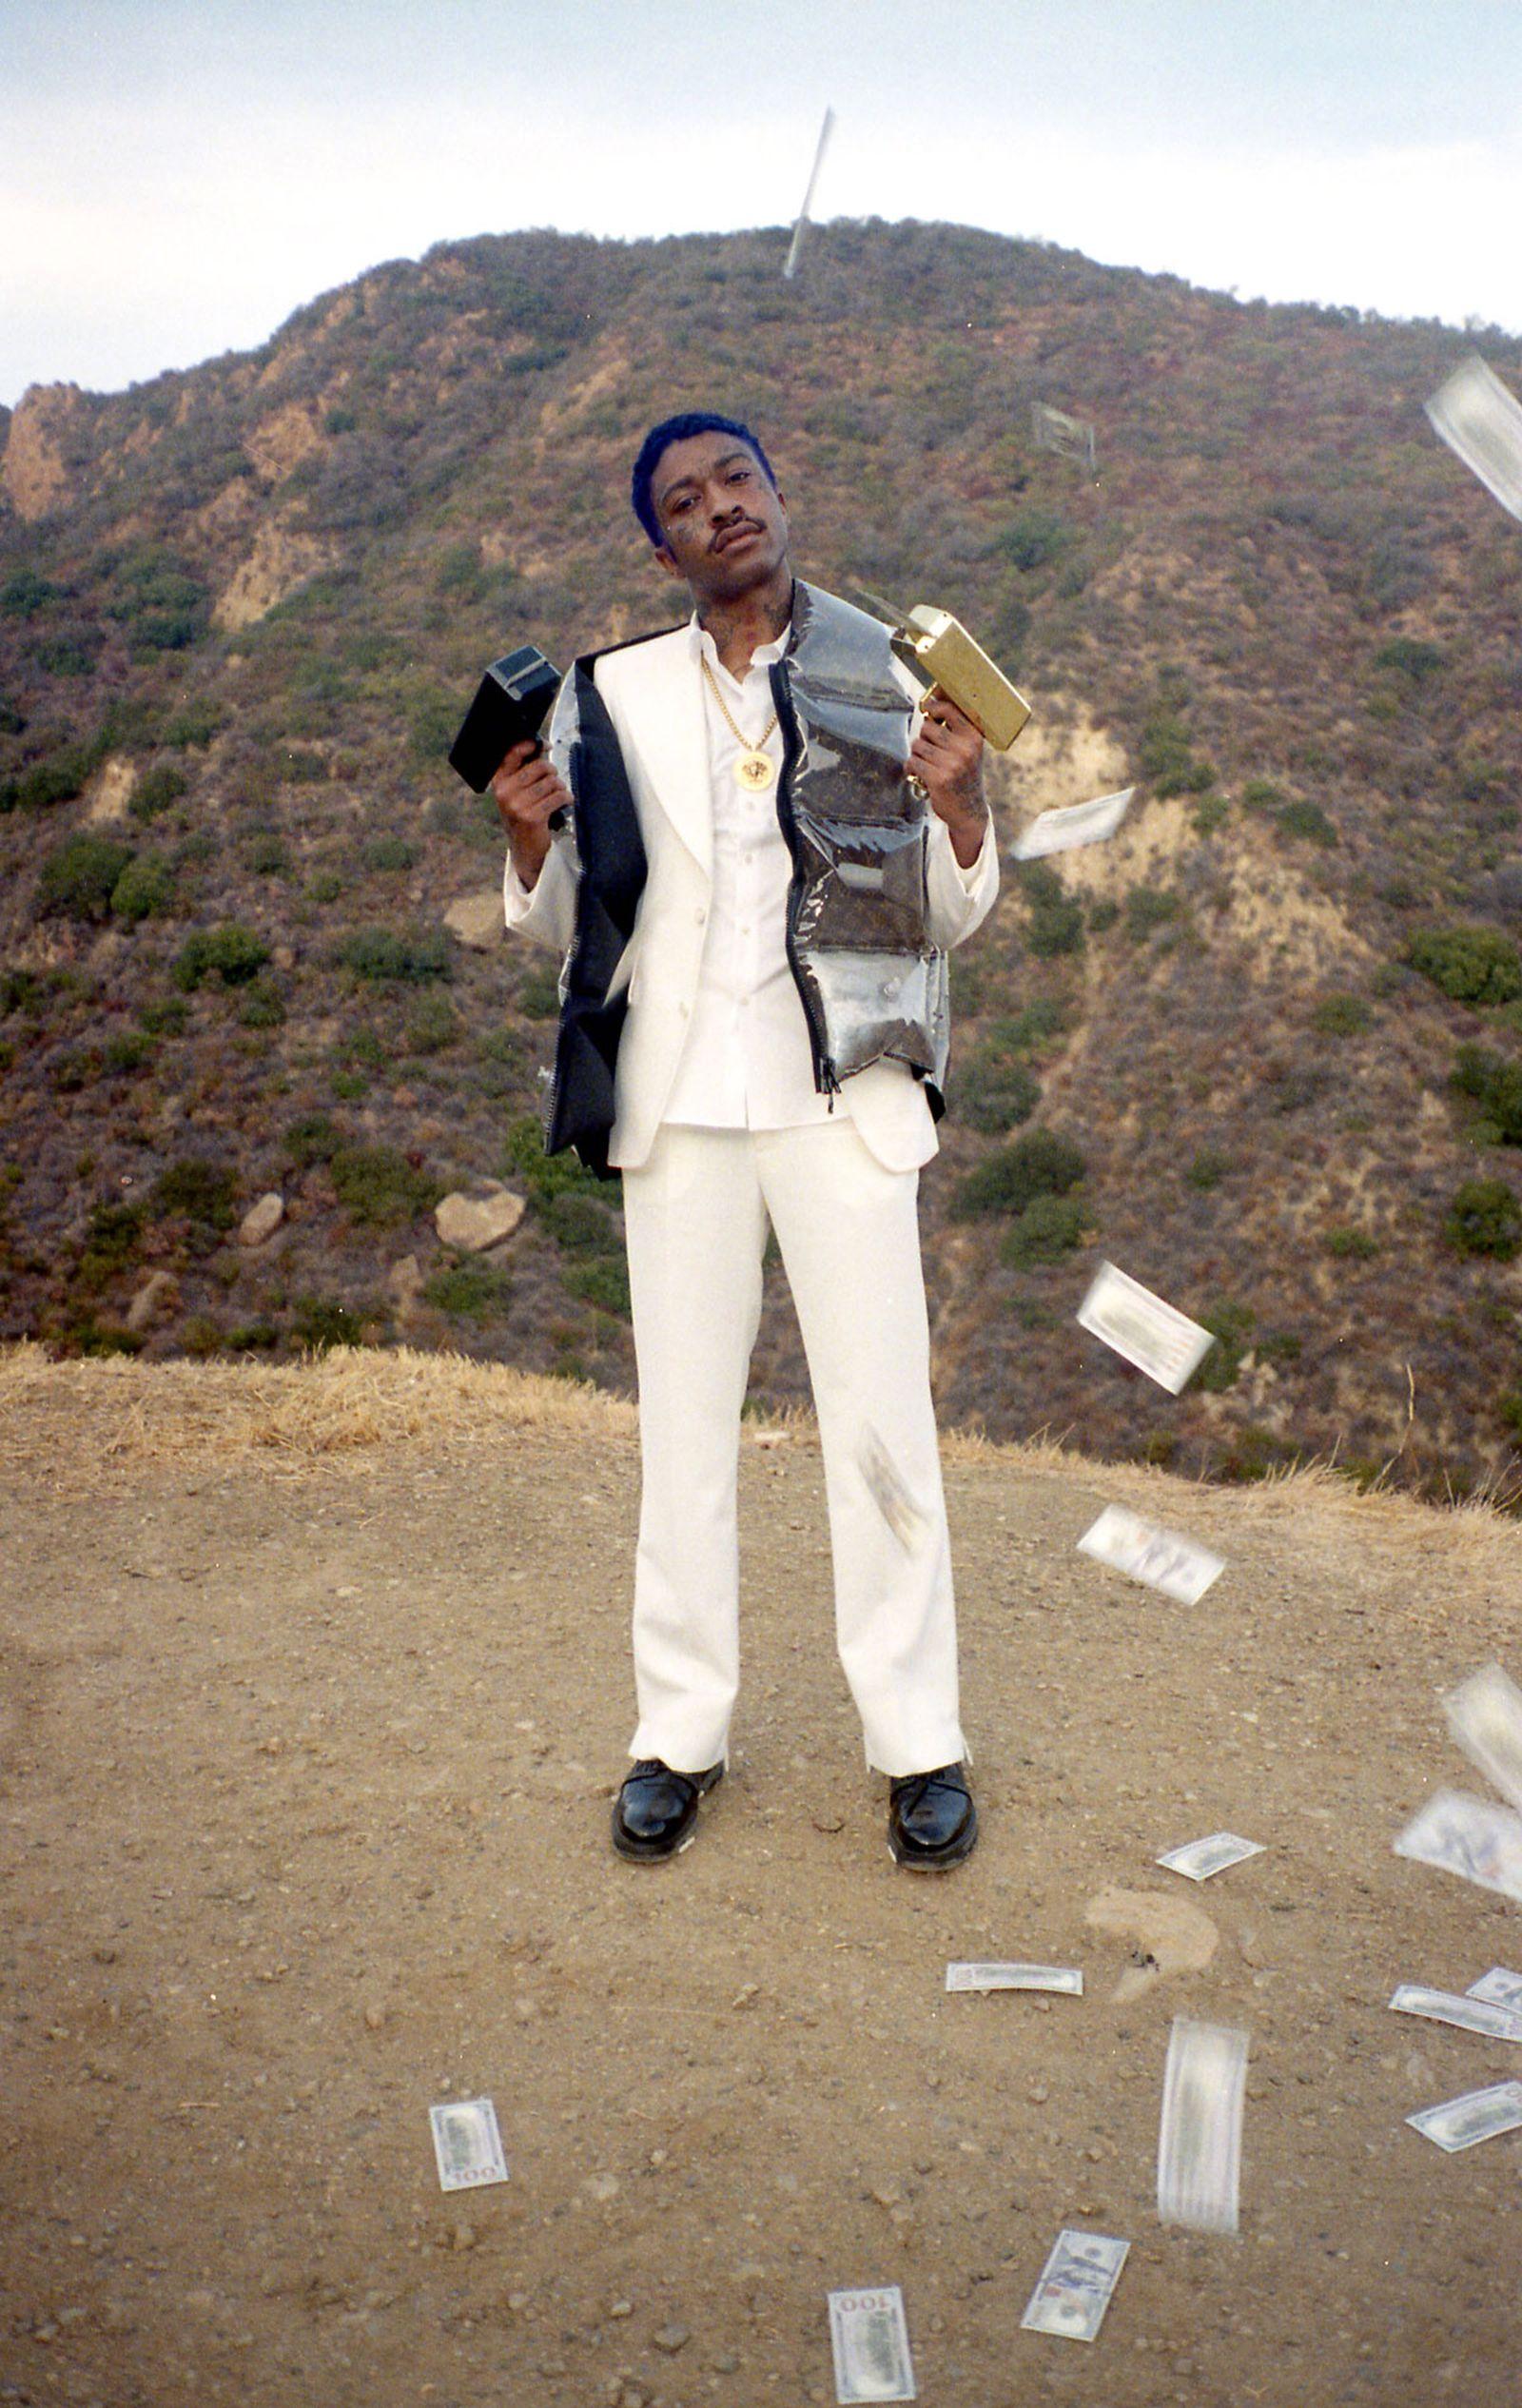 Shirt, Suit, Vest & Shoes LOUIS VUITTON Necklace VERSACE